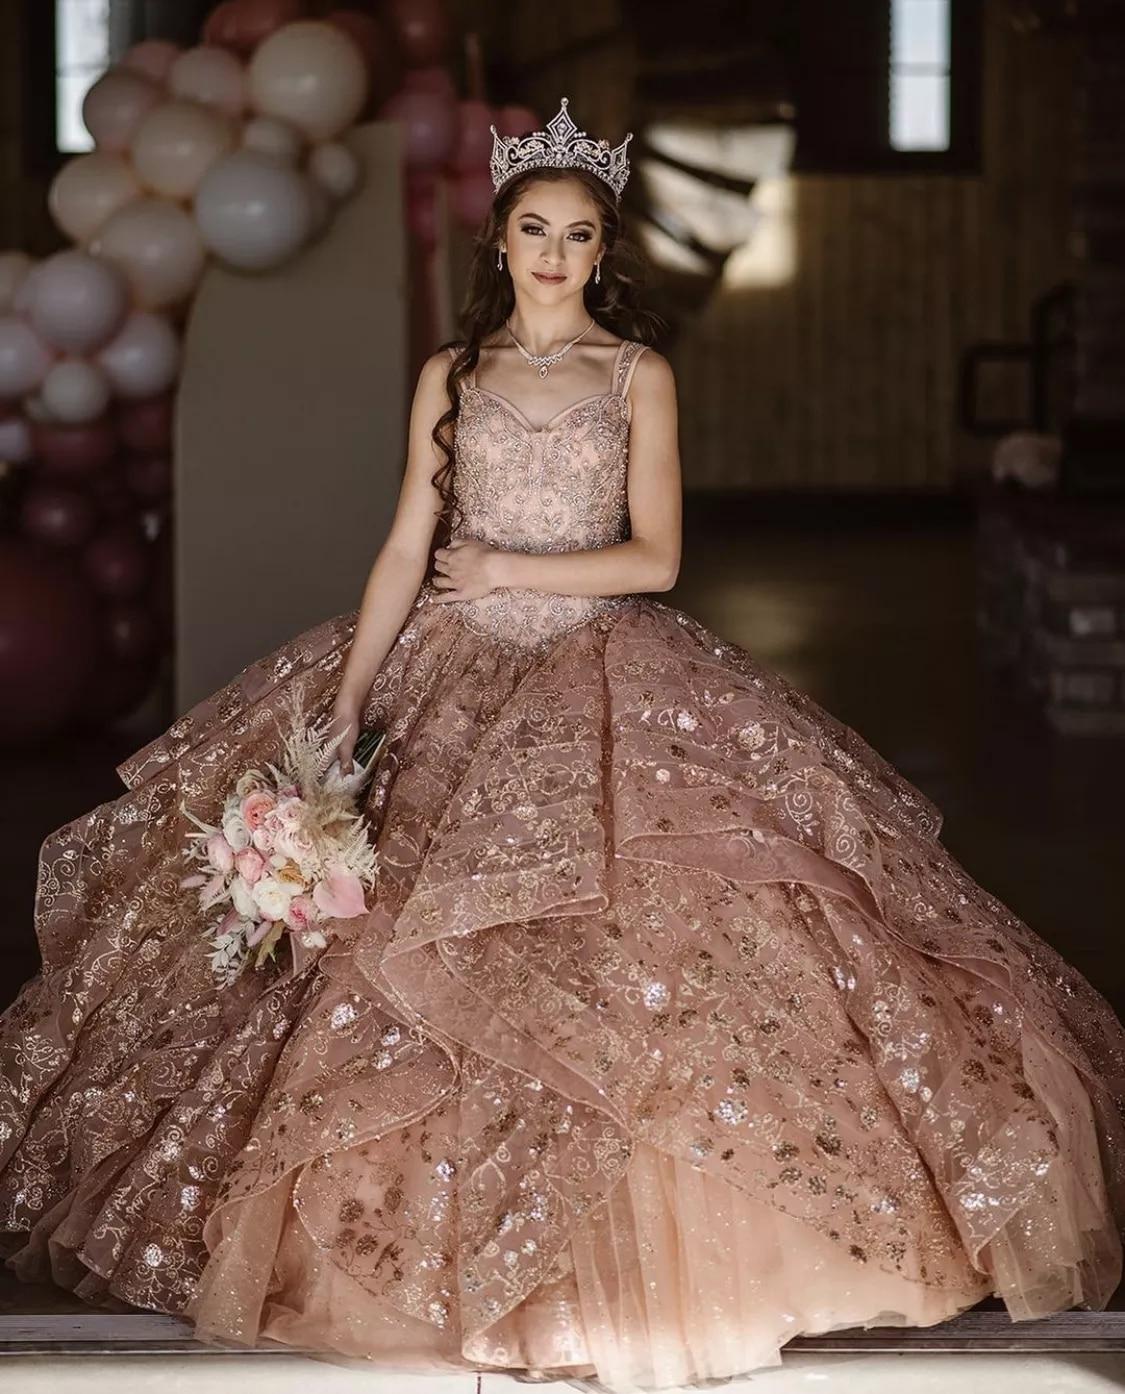 Недорогие Бальные платья цвета шампанского, милое платье с аппликацией, 16 платьев